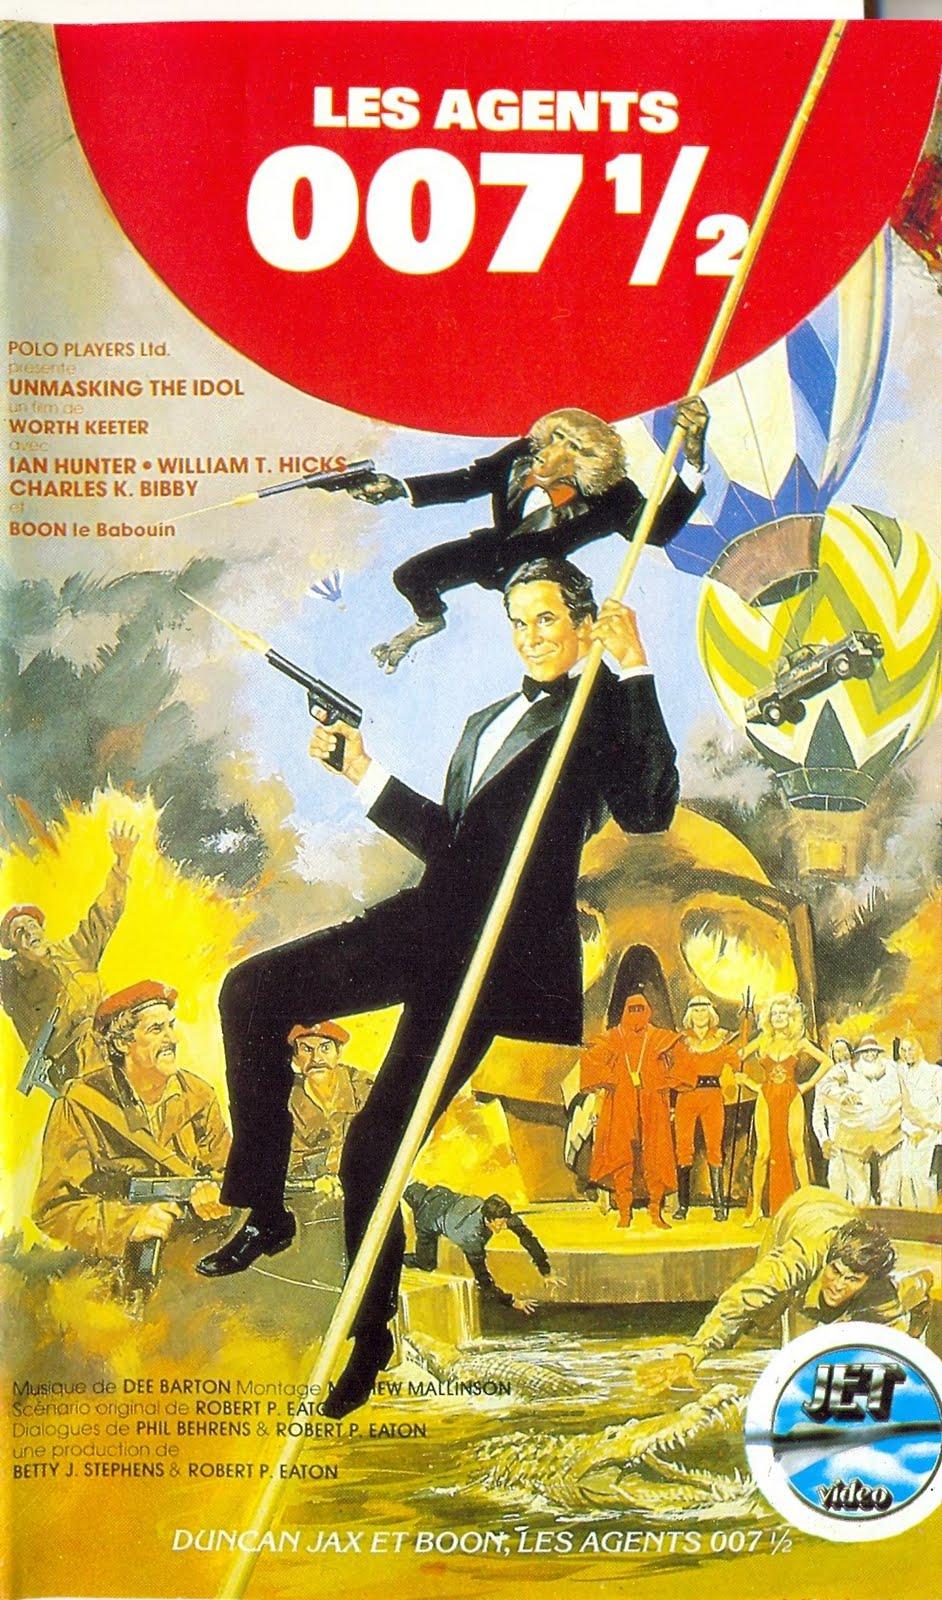 affiche du film Les agents 007 1/2